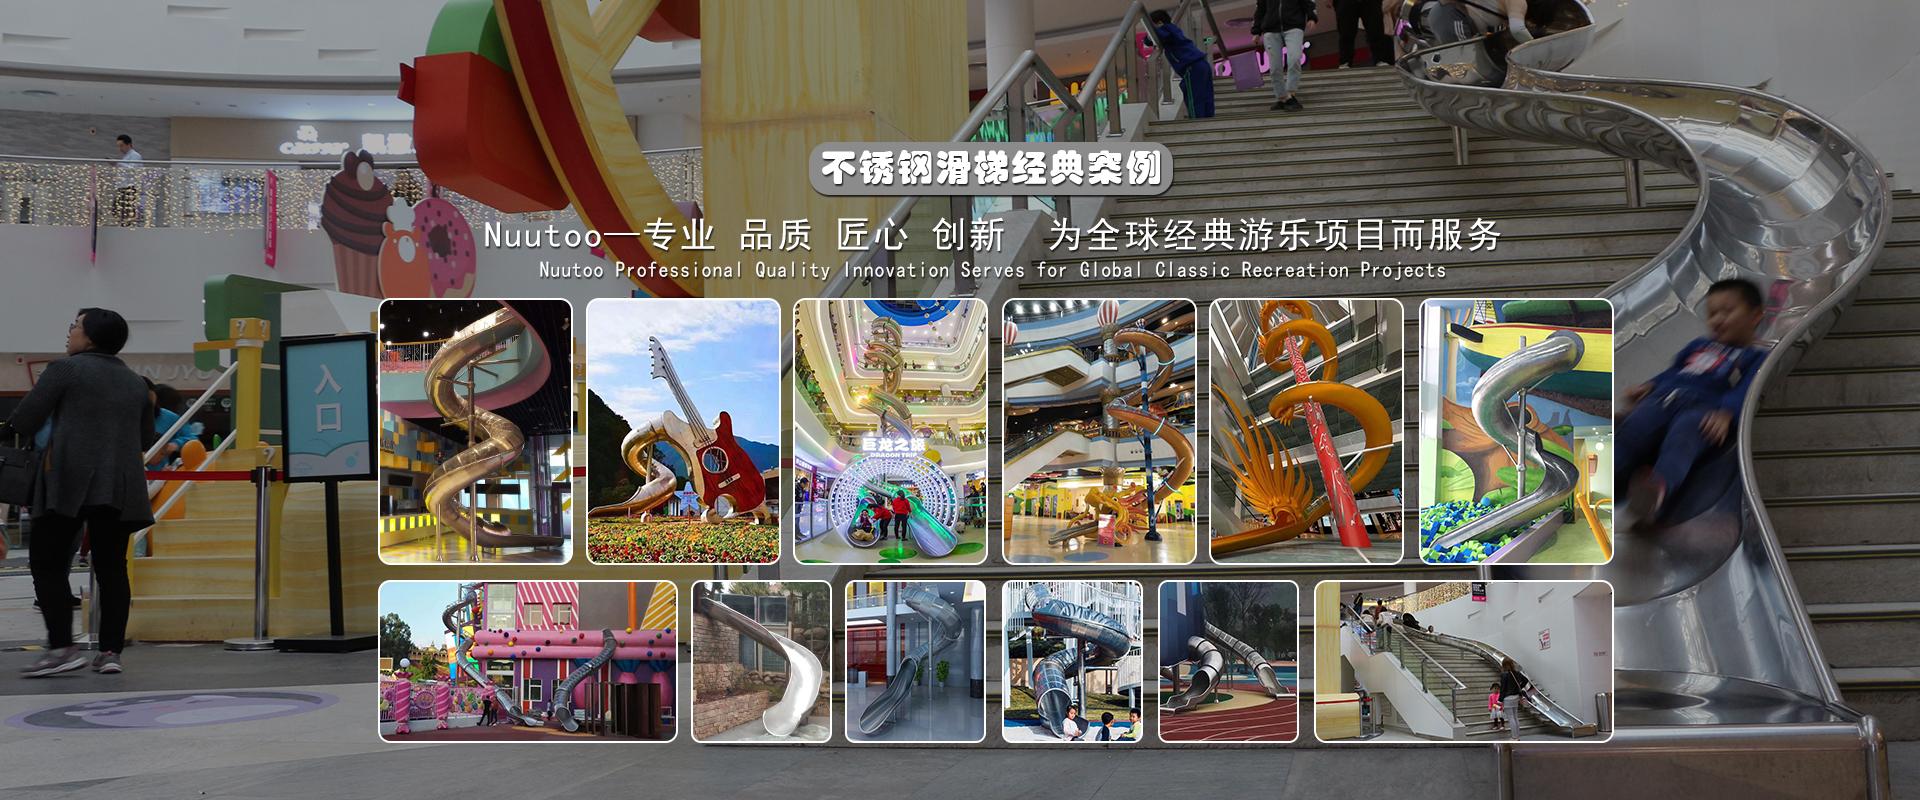 294_乐图户外非标游乐设备+组合滑梯+不锈钢滑梯+室内儿童乐园设备2